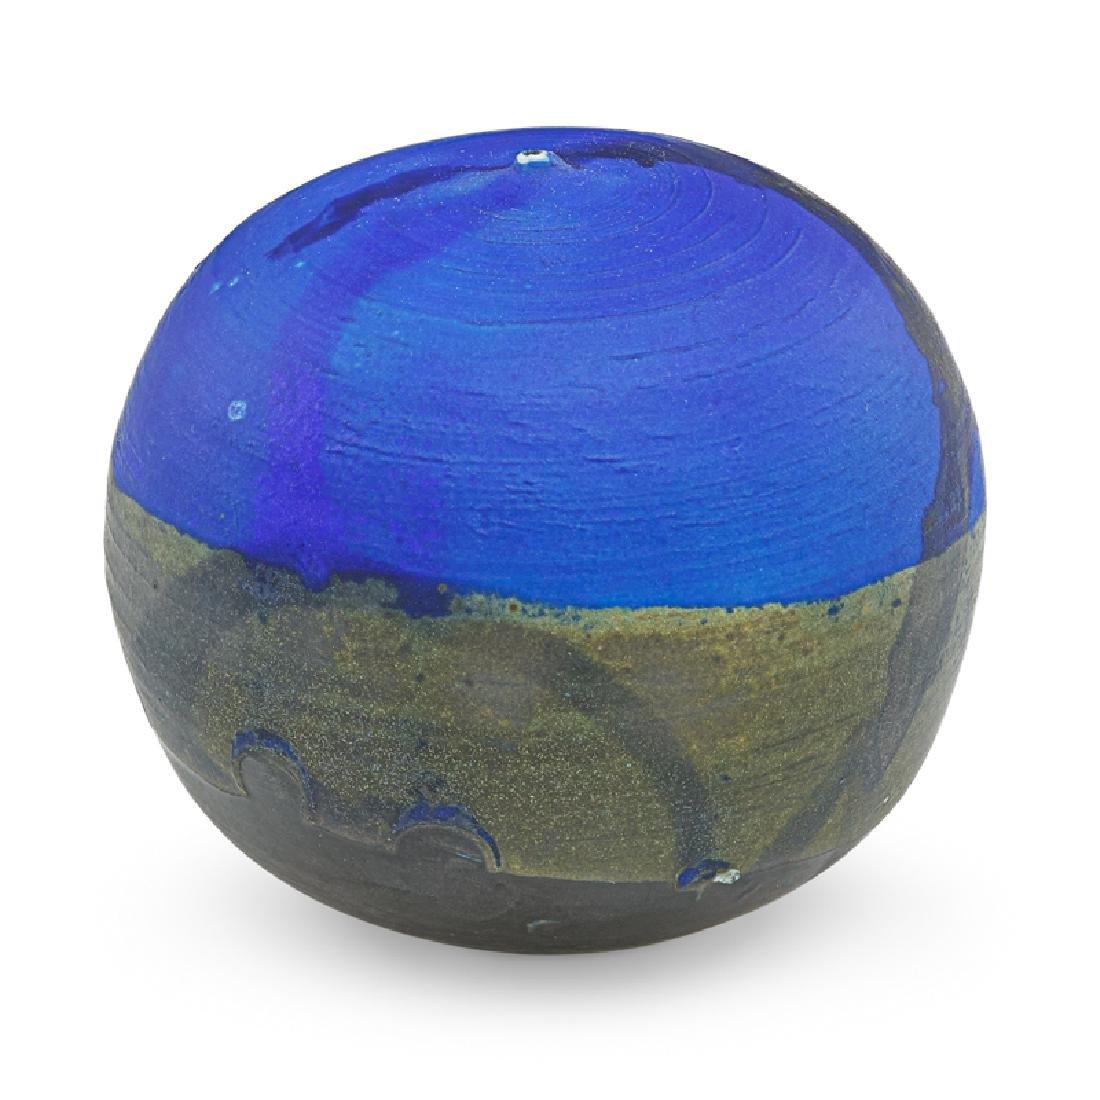 TOSHIKO TAKAEZU Cobalt Moonpot - 3